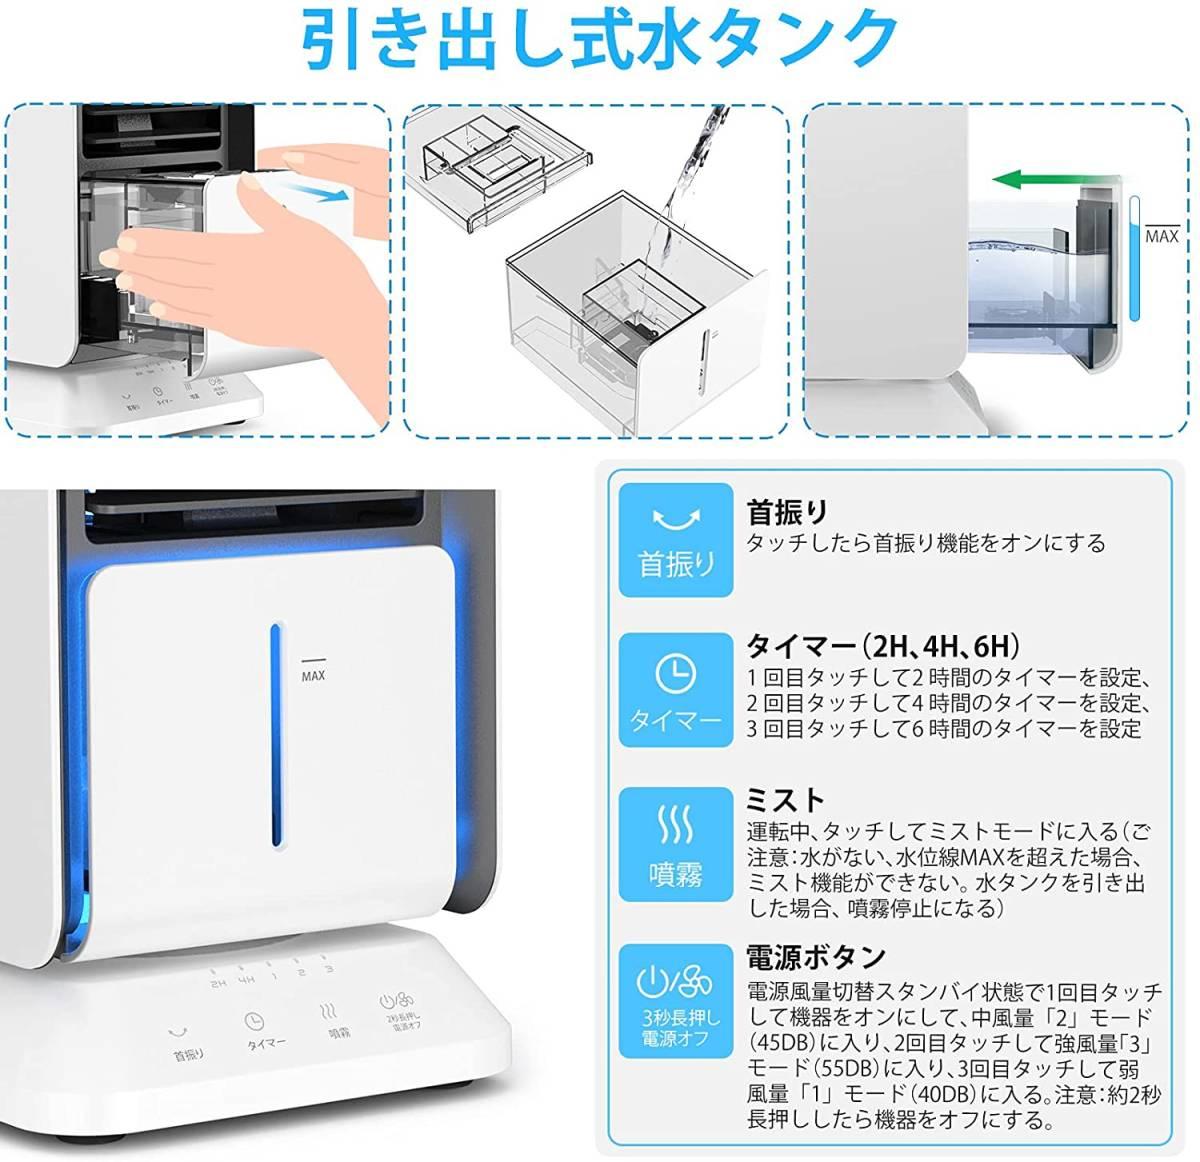 2021年最新版 冷風機 冷風扇 小型 4in1 自動首振り ミスト 加湿 空気清浄機能 3段階切替 タイマー ライト付き 角度調整 日本語説明書_画像4